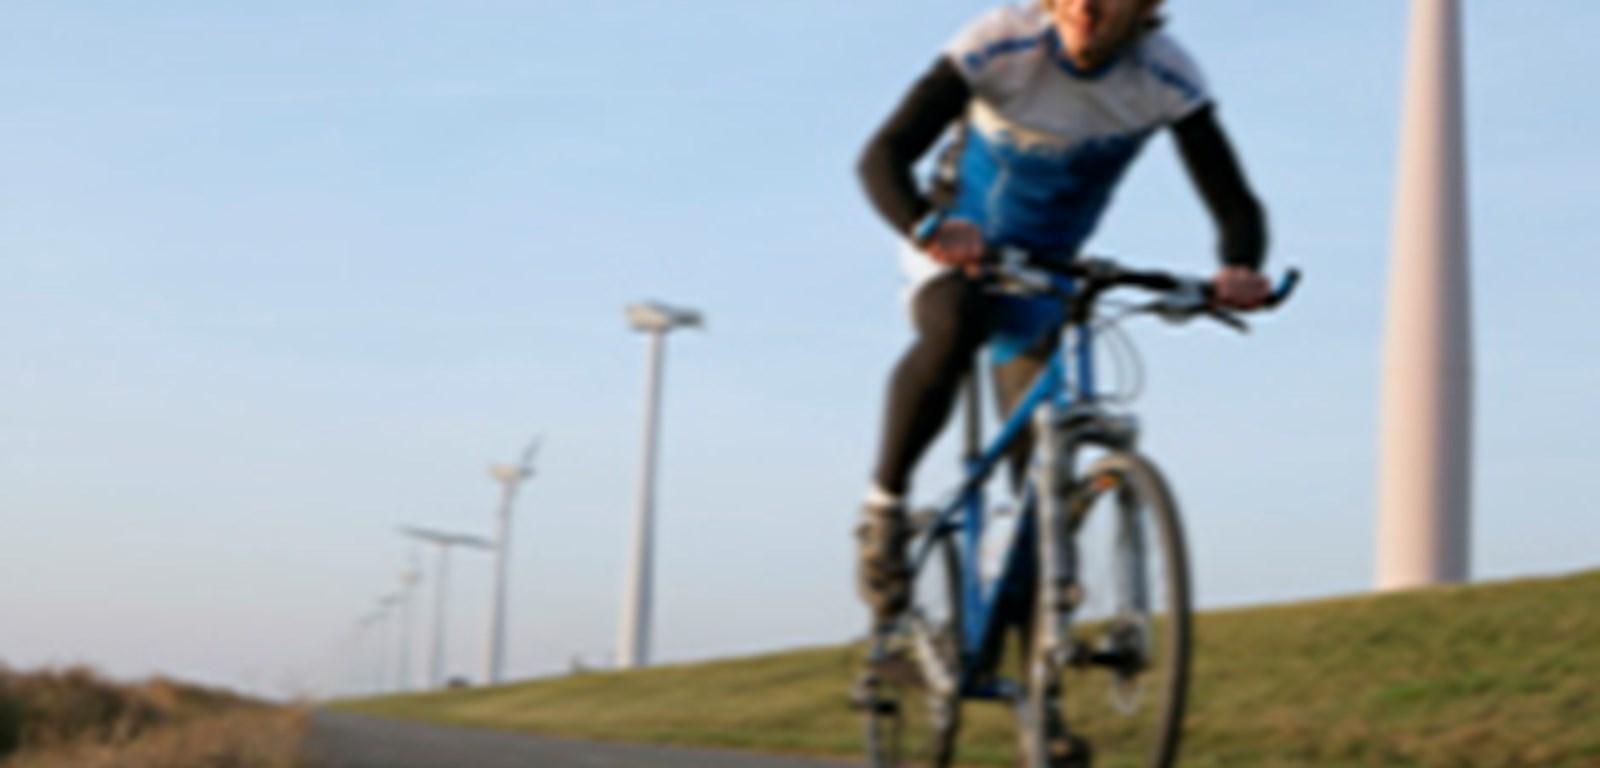 Wet windenergie op zee enorme doorbraak voor energietransitie